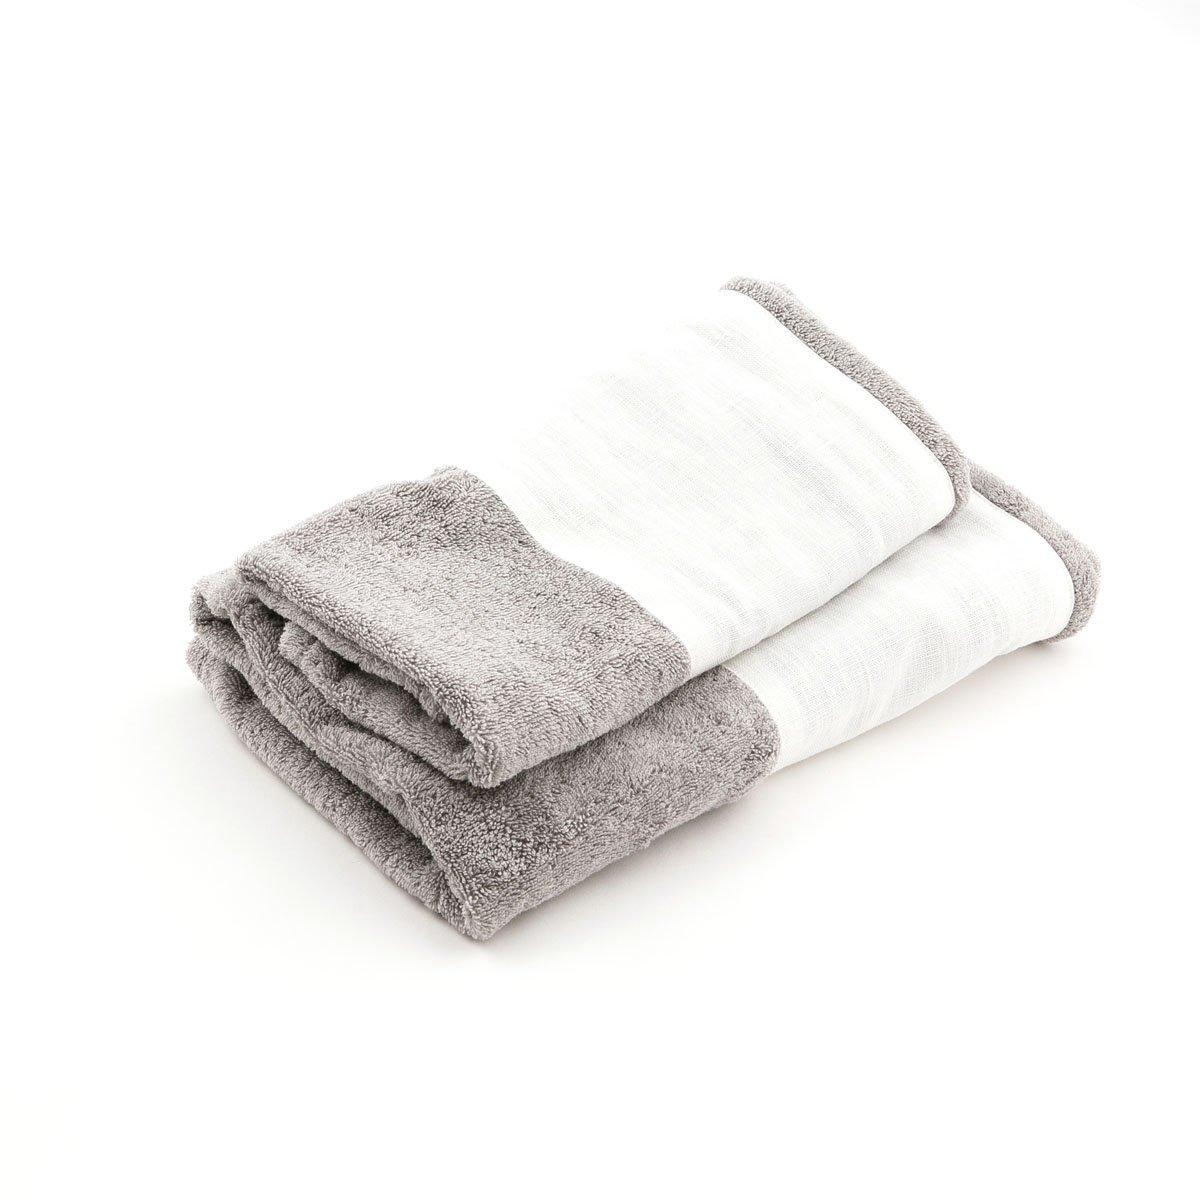 Asciugamano Bauhaus grigio stone bianco